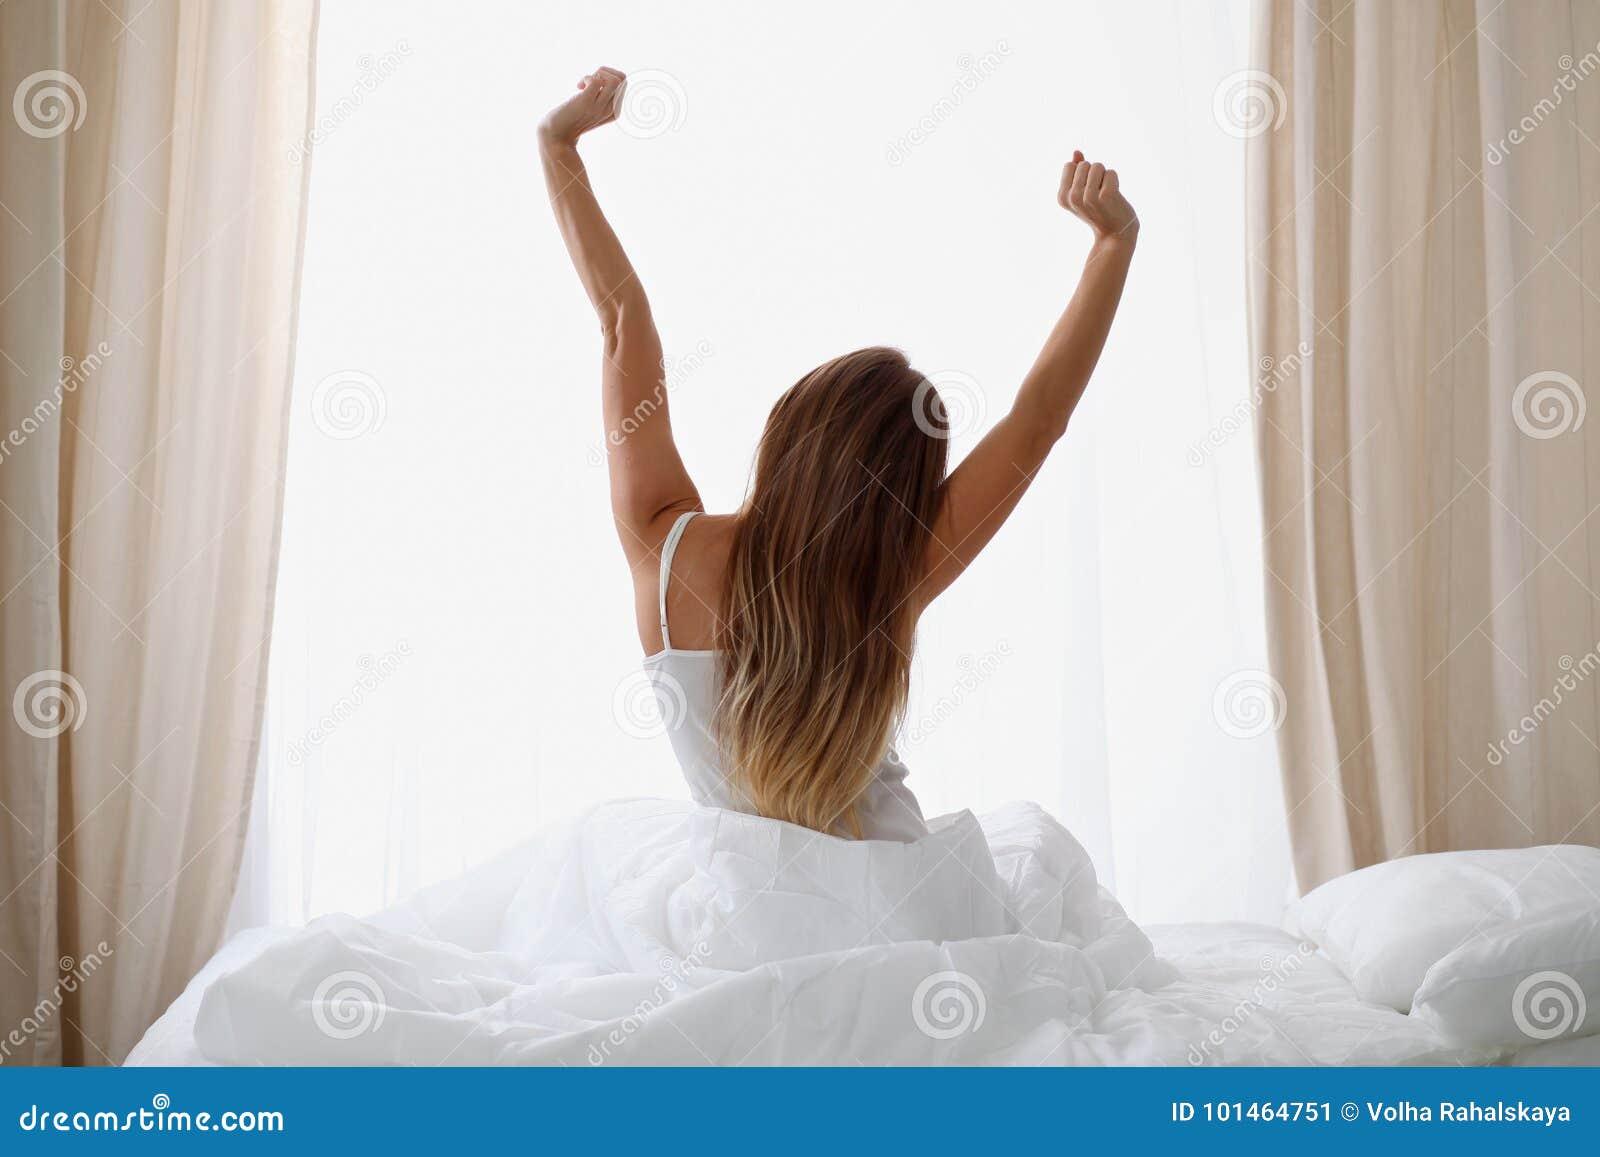 La femme s étirant dans le lit après se réveillent, vue arrière, écrivant un jour heureux et décontracté après bonne nuit de somm